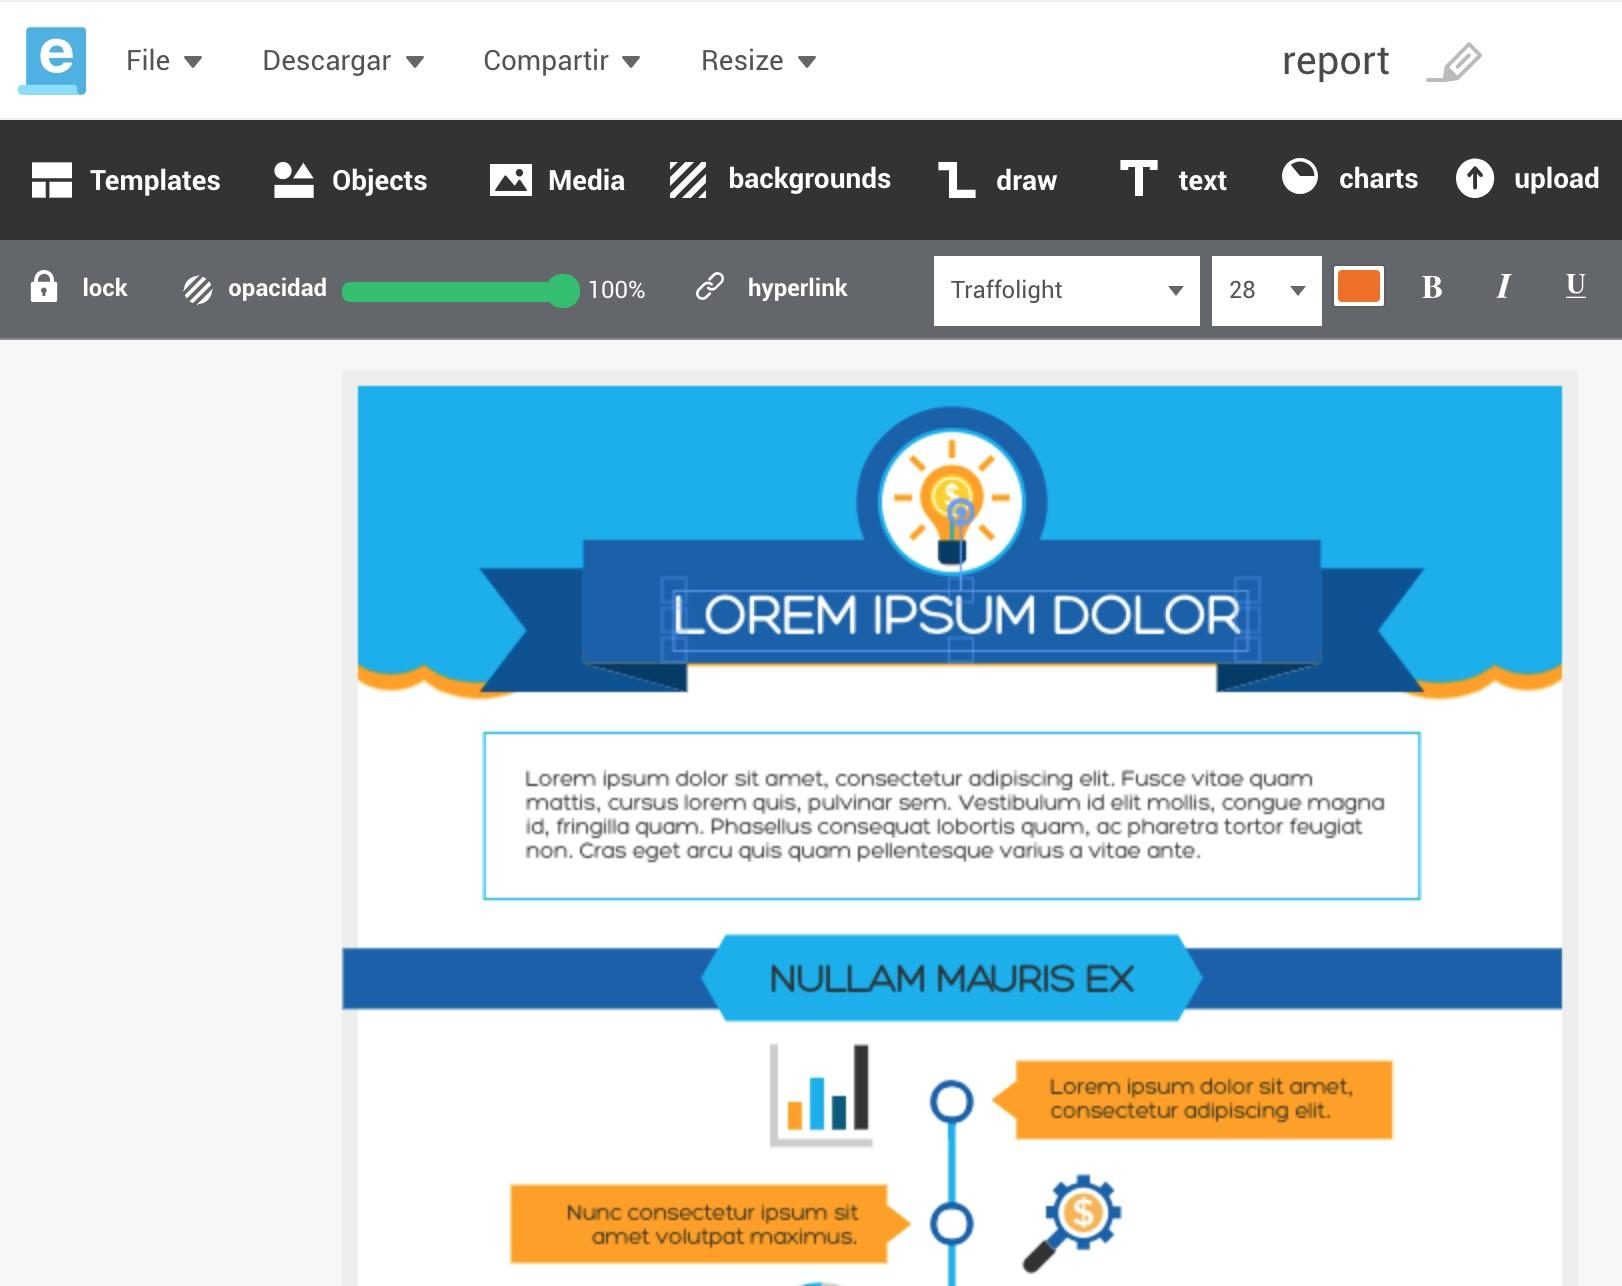 Cómo crear bellas infografías sin saber diseño gráfico | Recursos ...